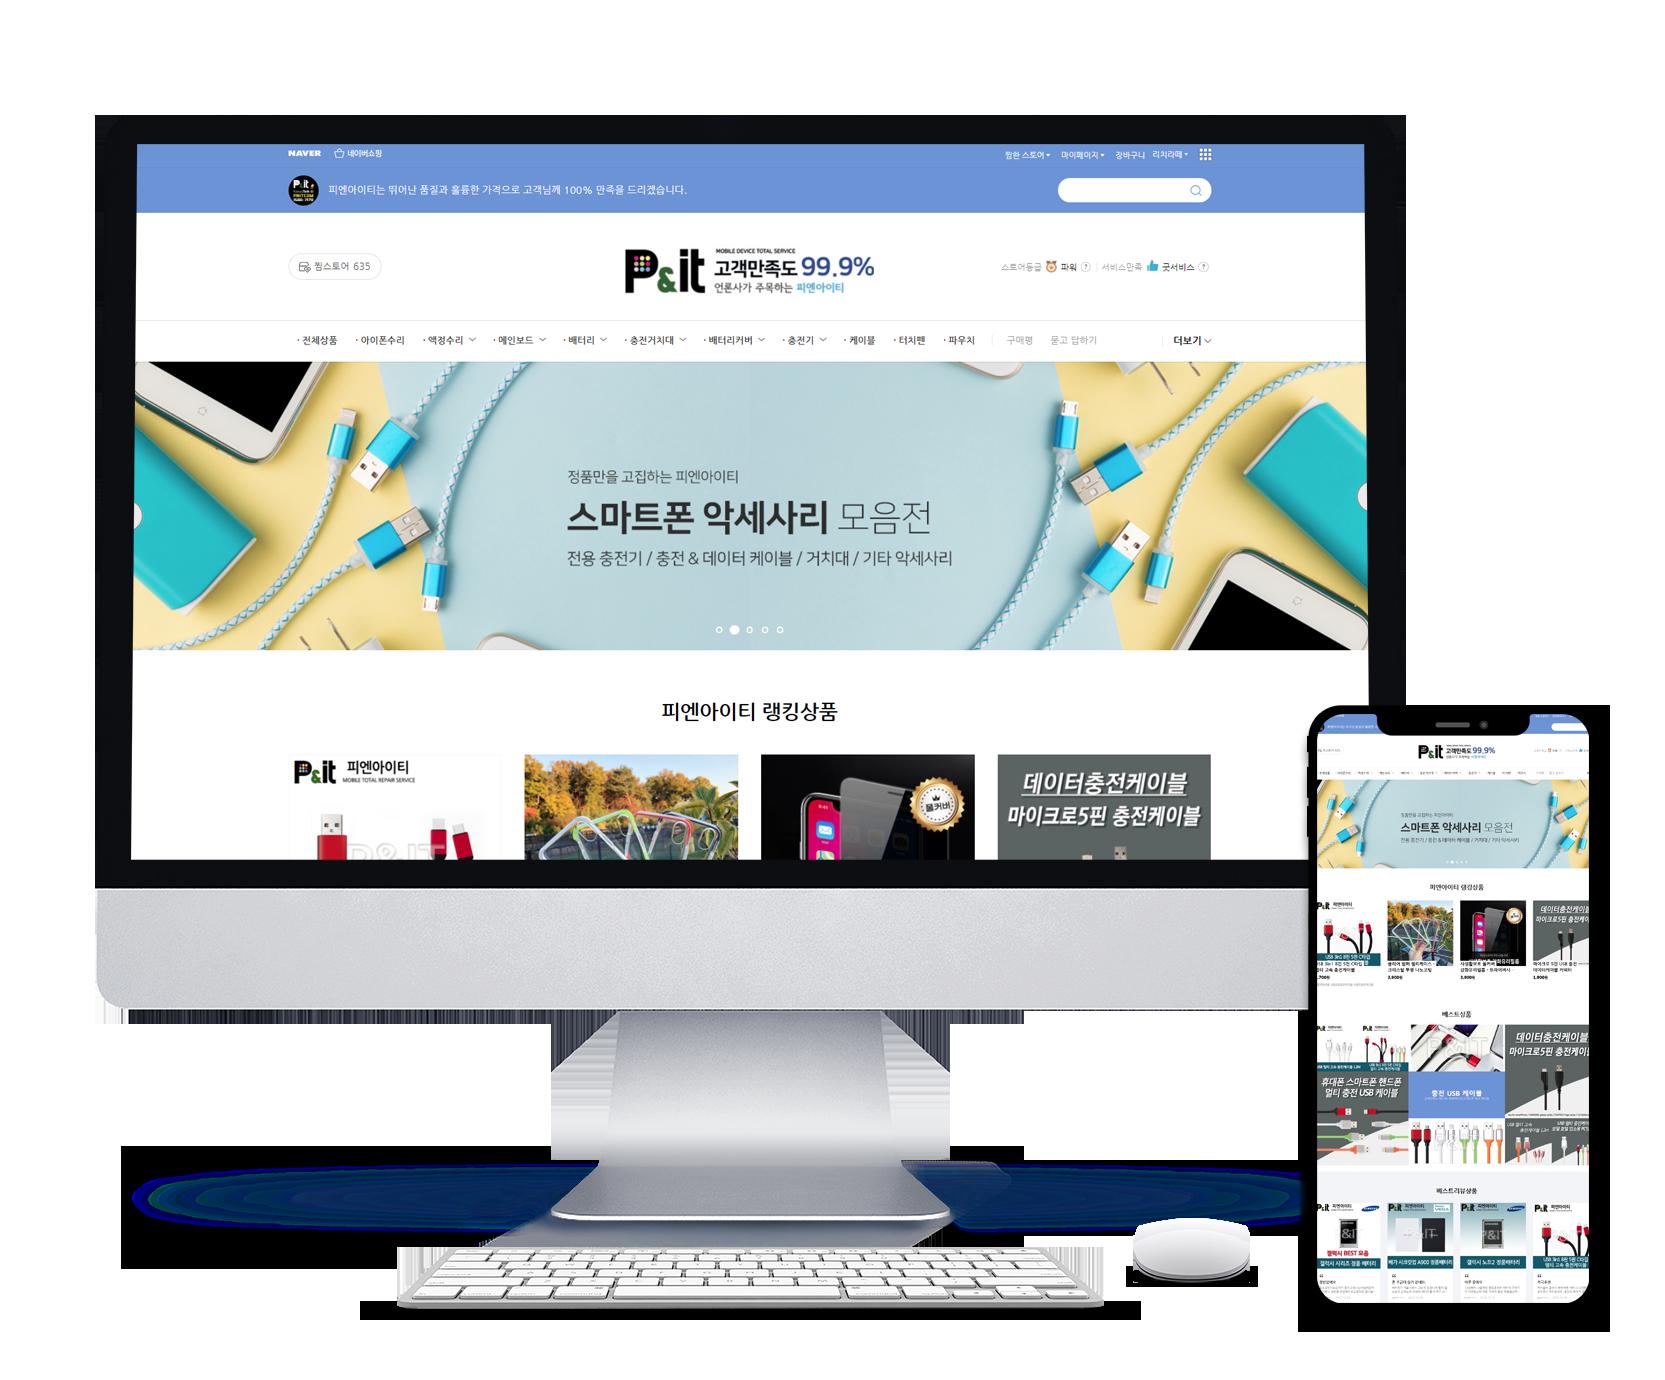 P&IT KOREA